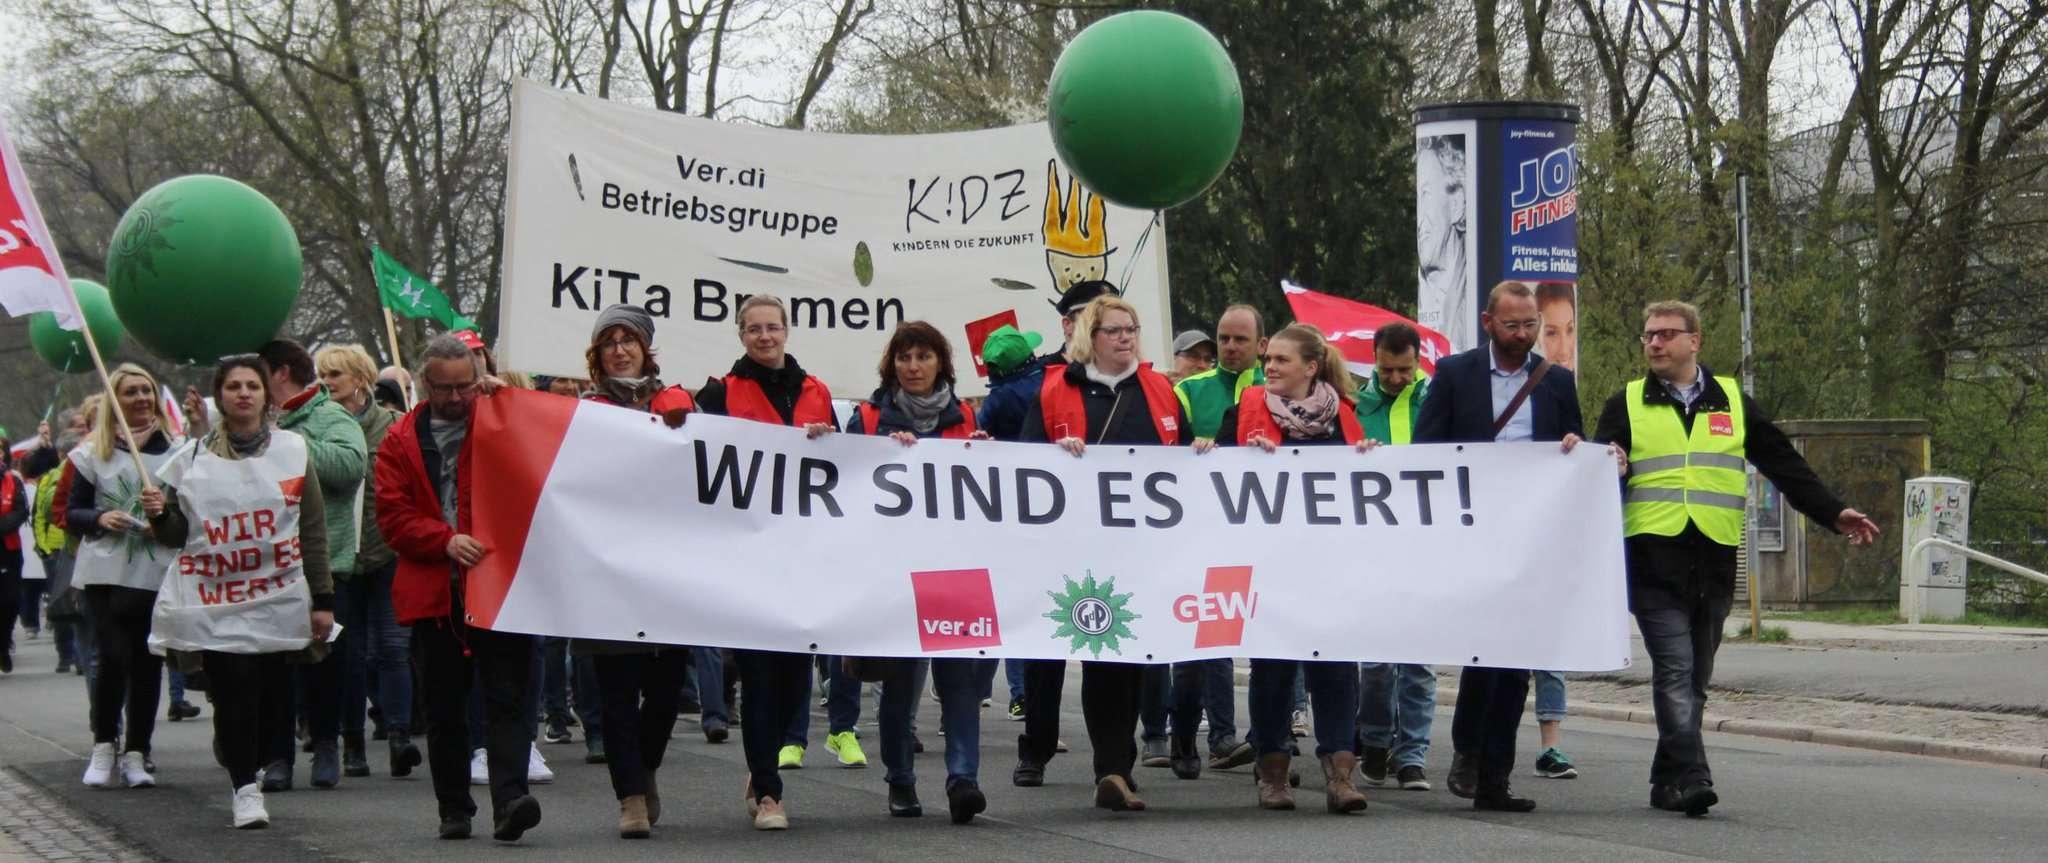 Mit Bussen sind die Streikenden am Startpunkt, dem Bremer Weserstadion, angekommen. Von dort aus führt ihr Marsch sie in die Innenstadt. Auf dem Marktplatz ist um 12 Uhr eine Kundgebung geplant. Foto: Björn Blaak